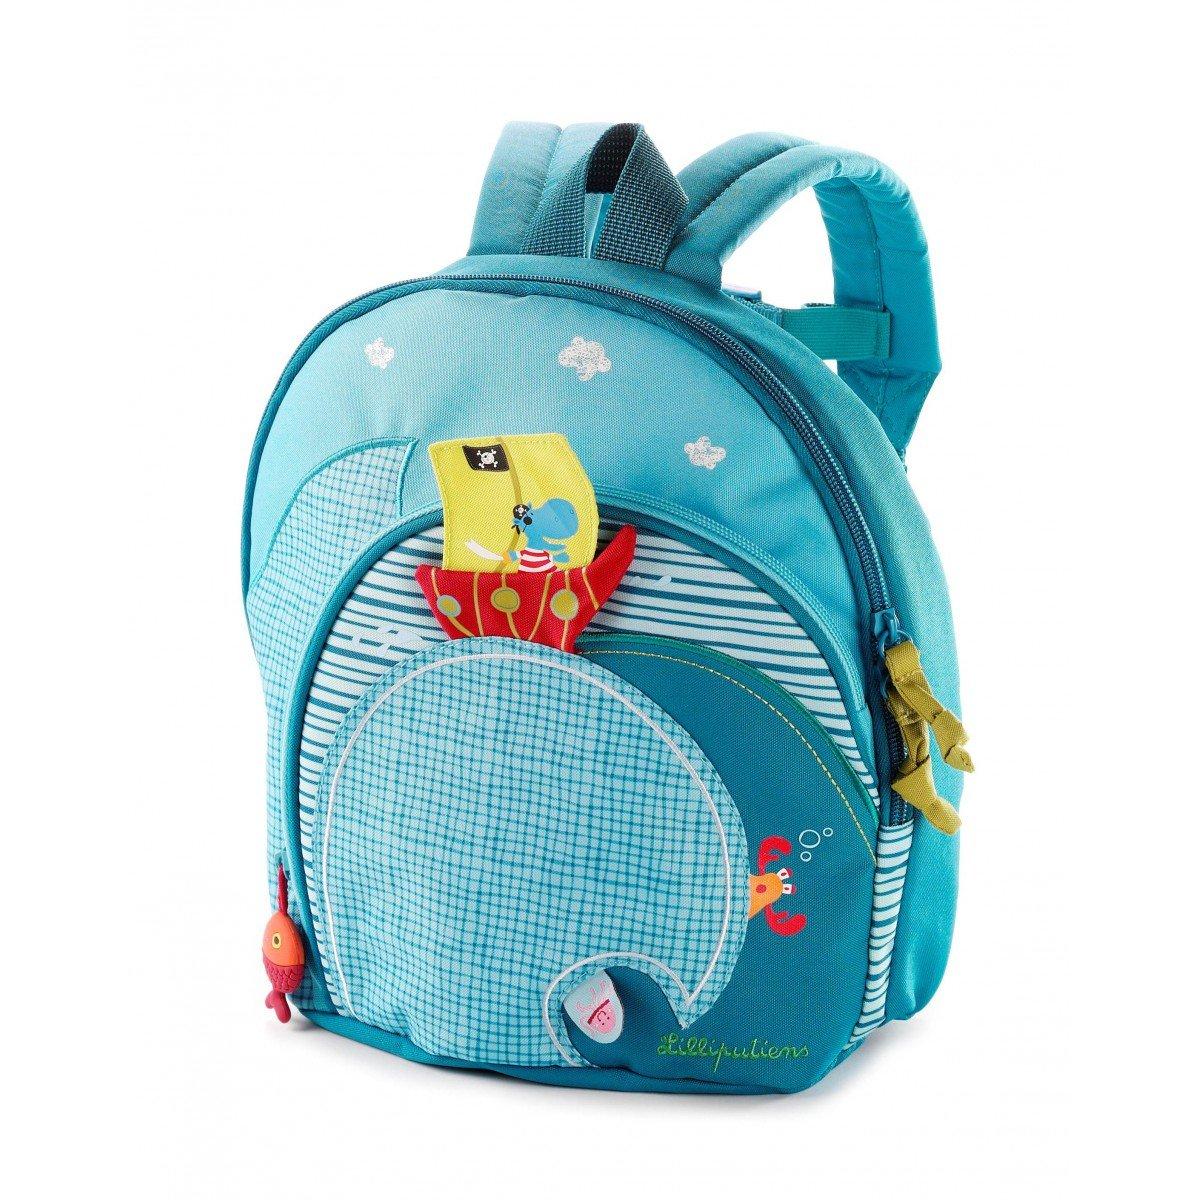 Lilliputiens 86303 Rucksack Kinderrucksack Kindergartentasche in blau, Größe 25x25x13 cm Größe 25x25x13 cm Schulbedarf